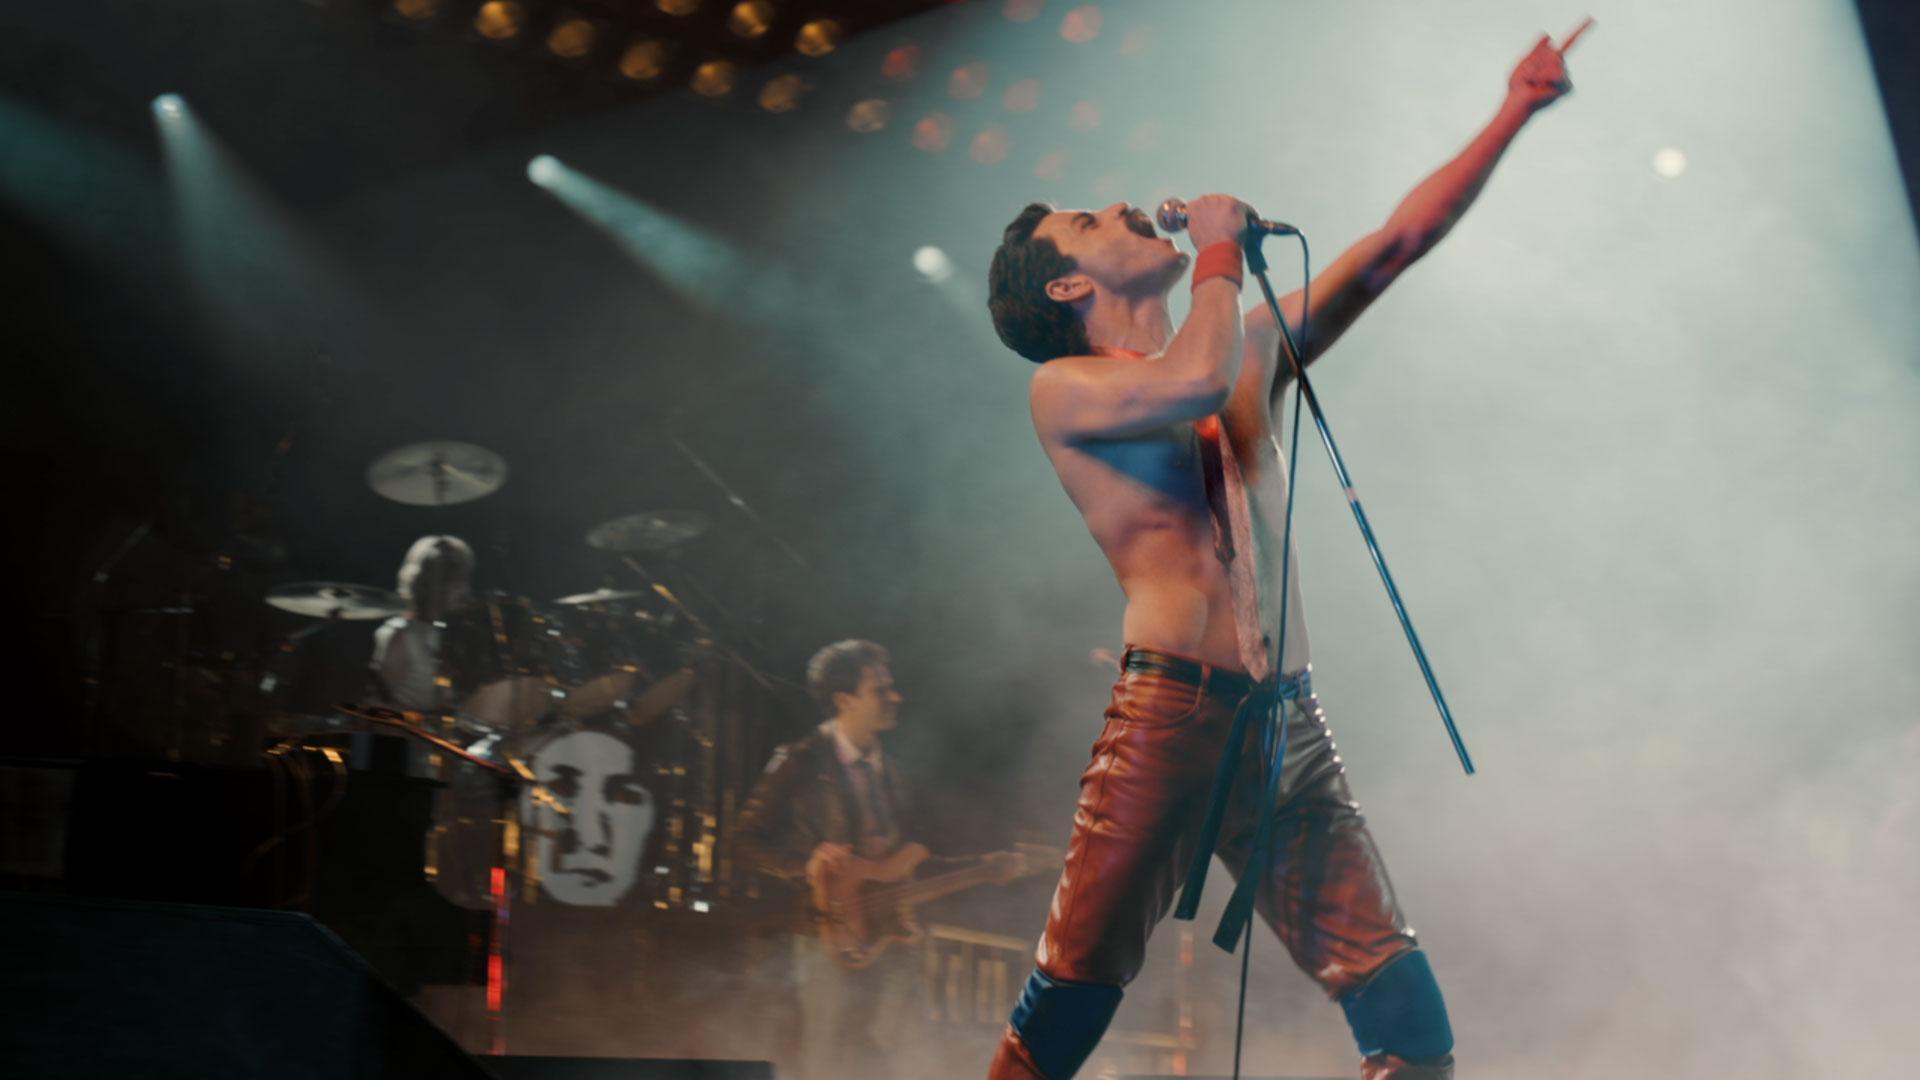 Filmreview Bohemian Rhapsody